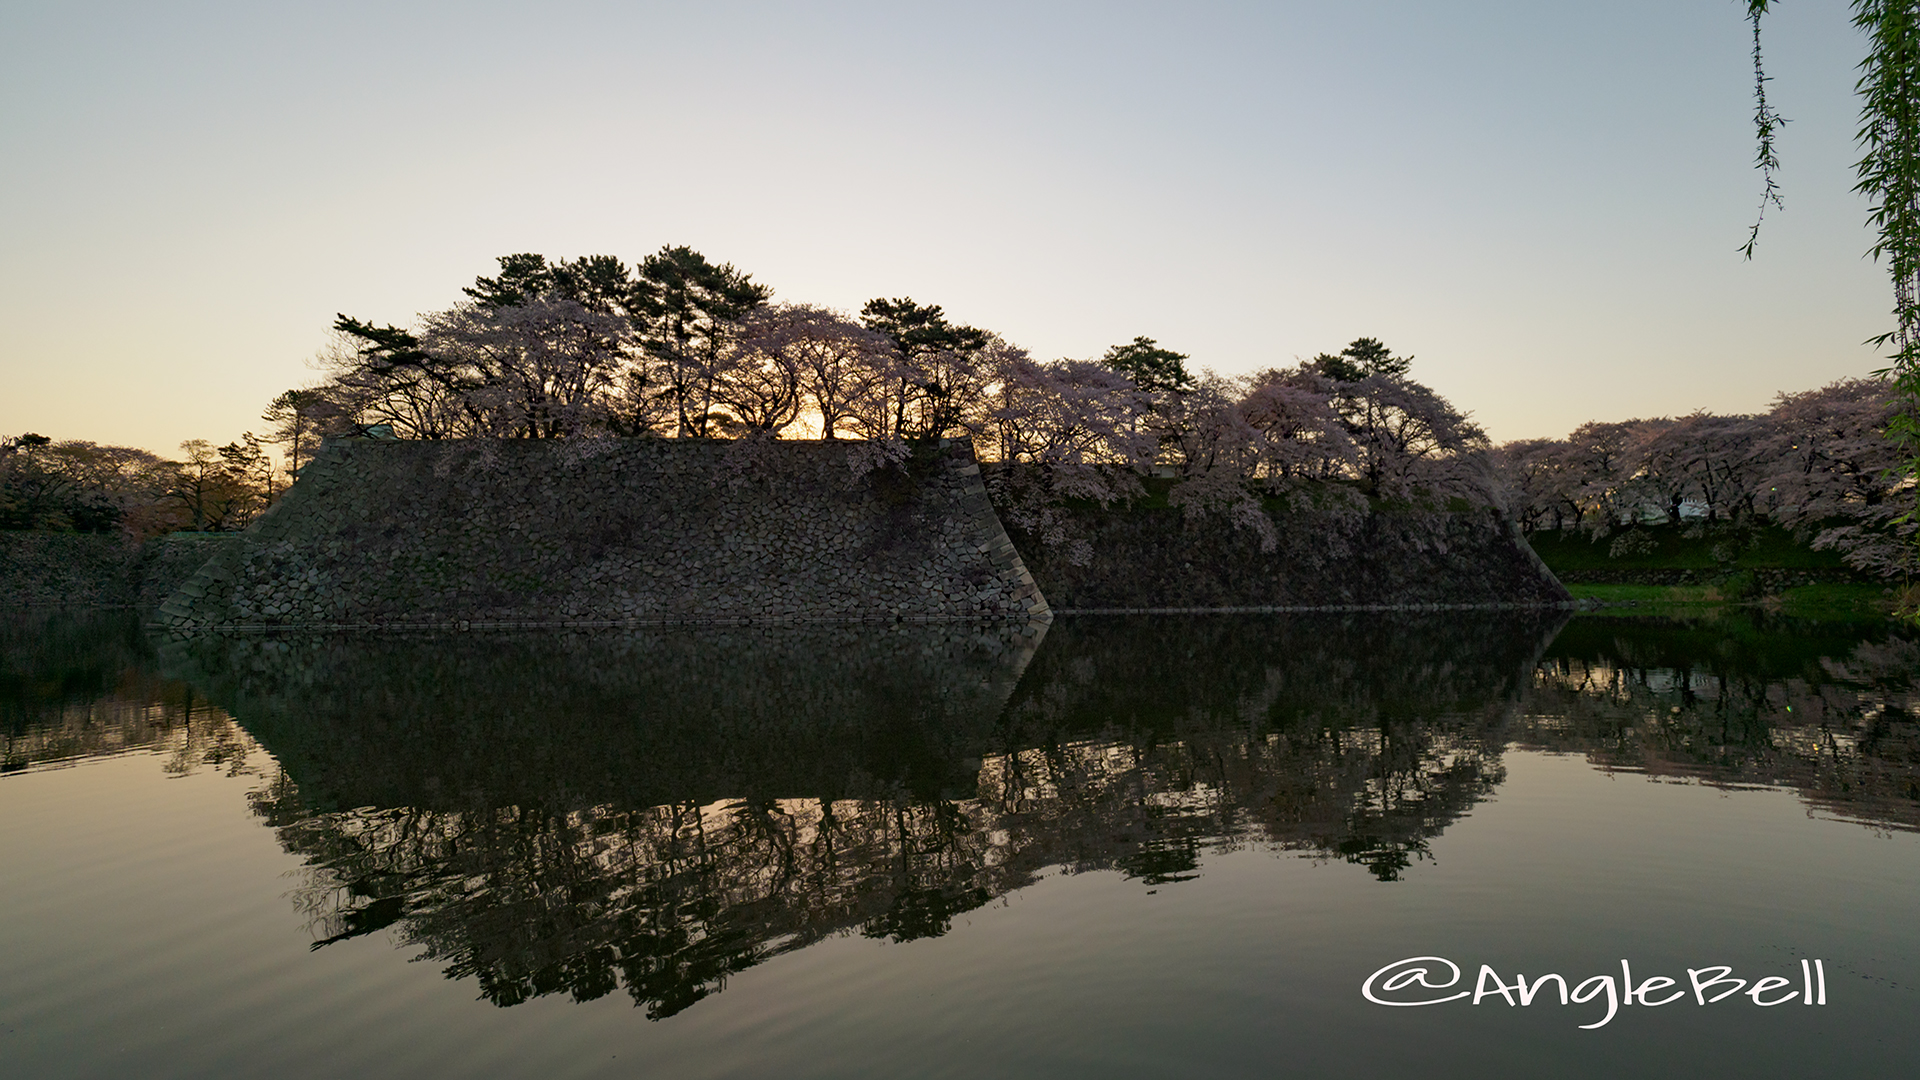 早朝 名古屋城 城西 外堀の石垣 桜と水景